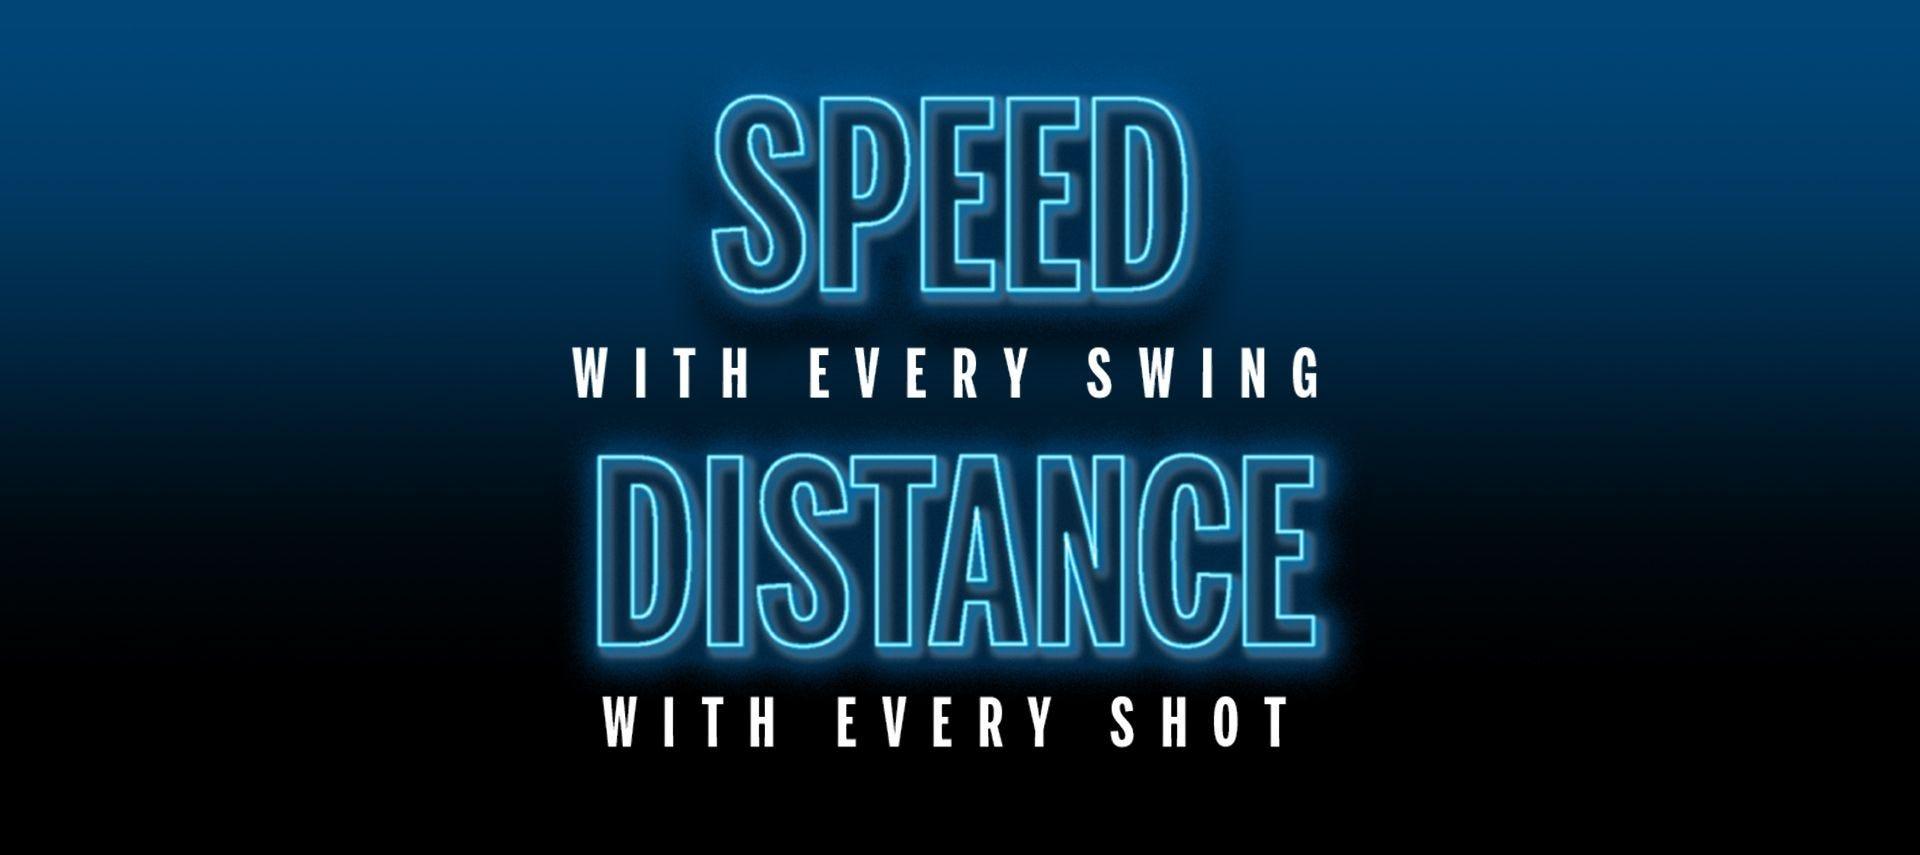 Geschwindigkeit bei jedem Schwung, Distanz mit jedem Schlag